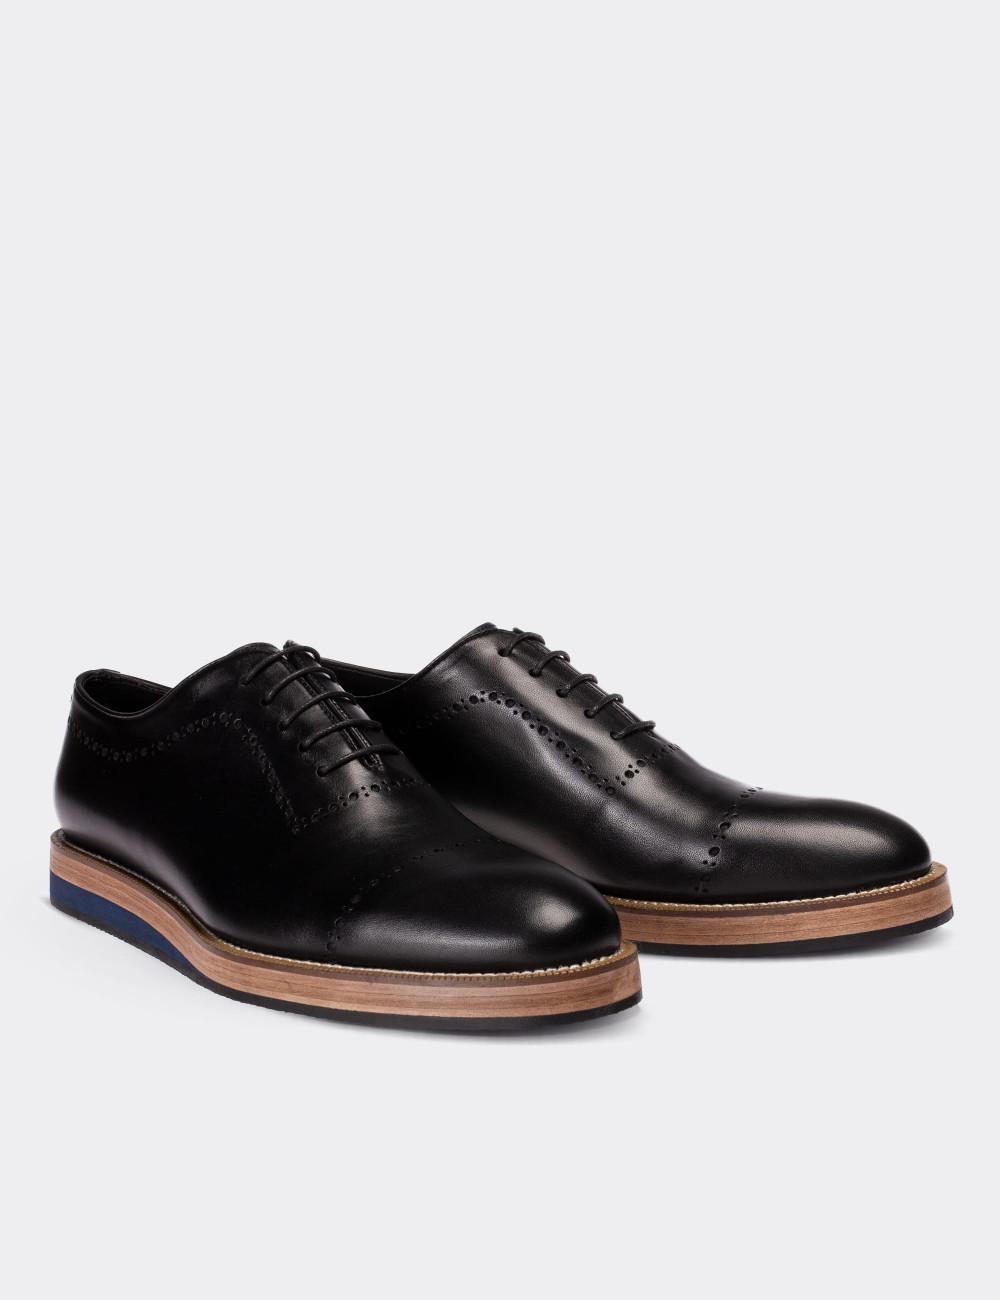 Hakiki Deri Siyah Günlük Erkek Ayakkabı - 00491MSYHE10